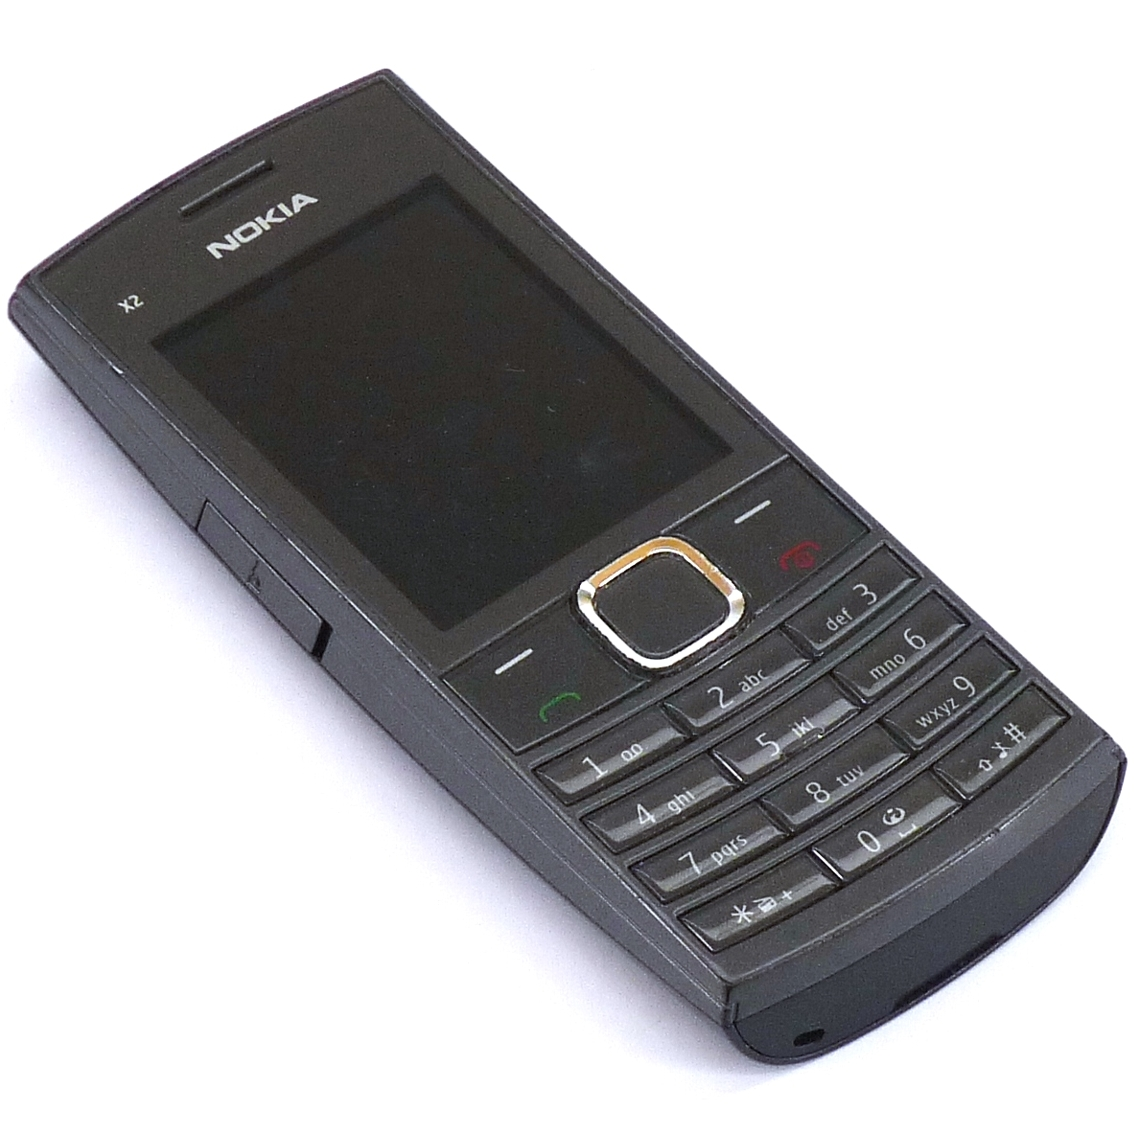 nokia x2 05 handy telefon cellphone ohne simlock mit rechnung ebay. Black Bedroom Furniture Sets. Home Design Ideas